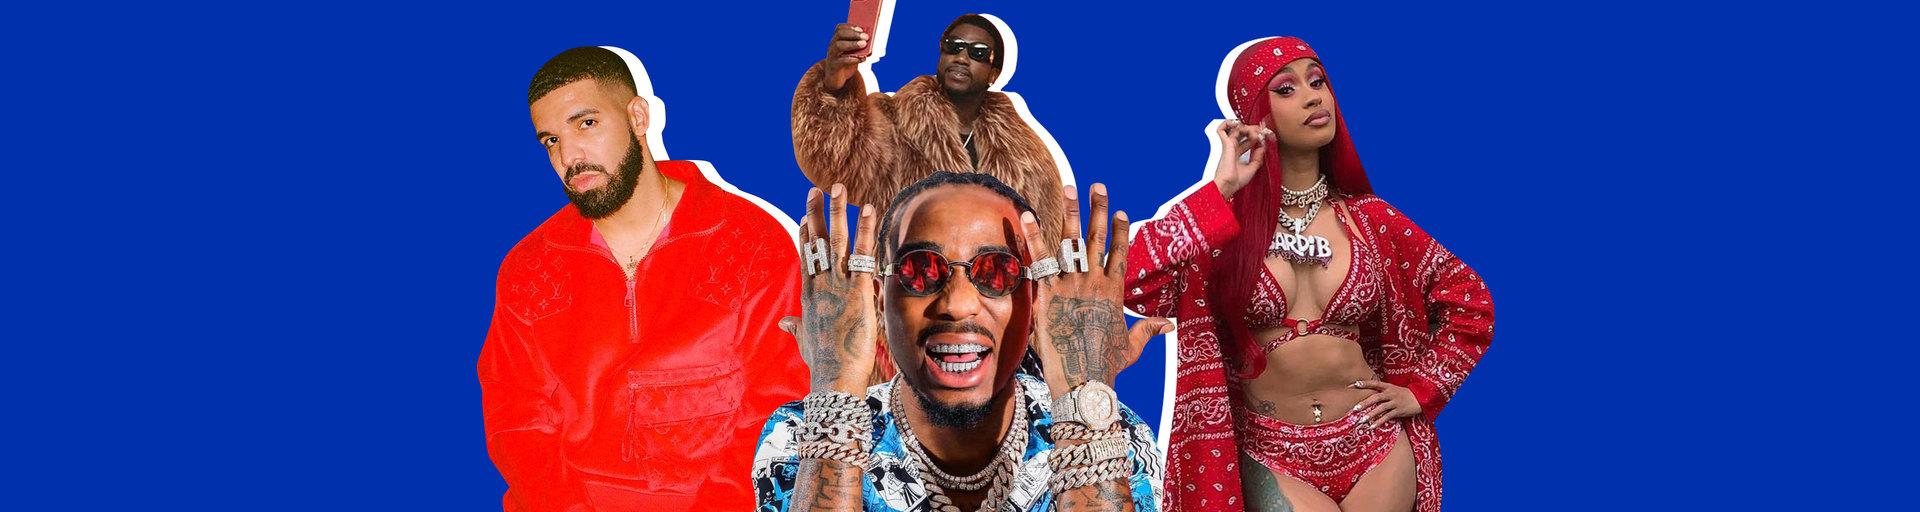 «Деньги, кэш, бабки»: почему рэперам так важно демонстрировать, что они богаты